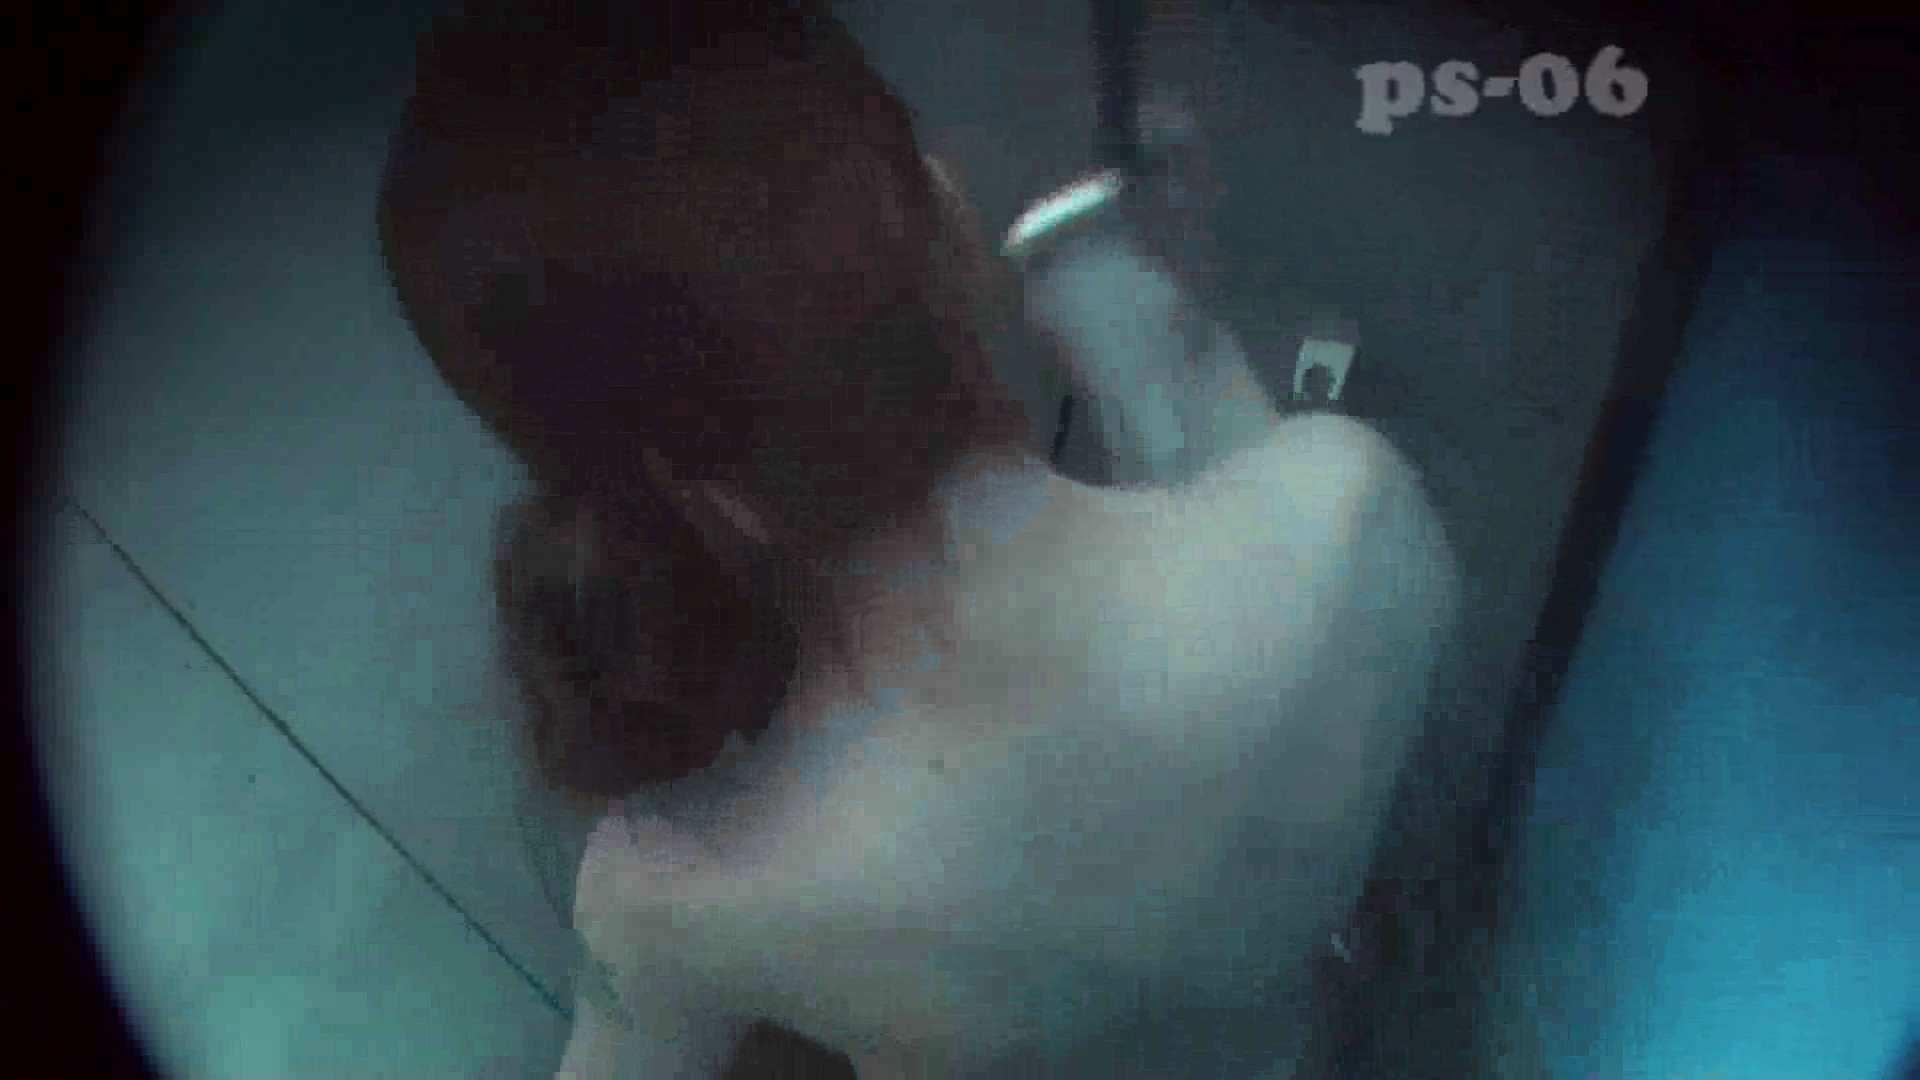 シャワールームは危険な香りVol.6(ハイビジョンサンプル版) 盛合せ セックス無修正動画無料 64画像 7